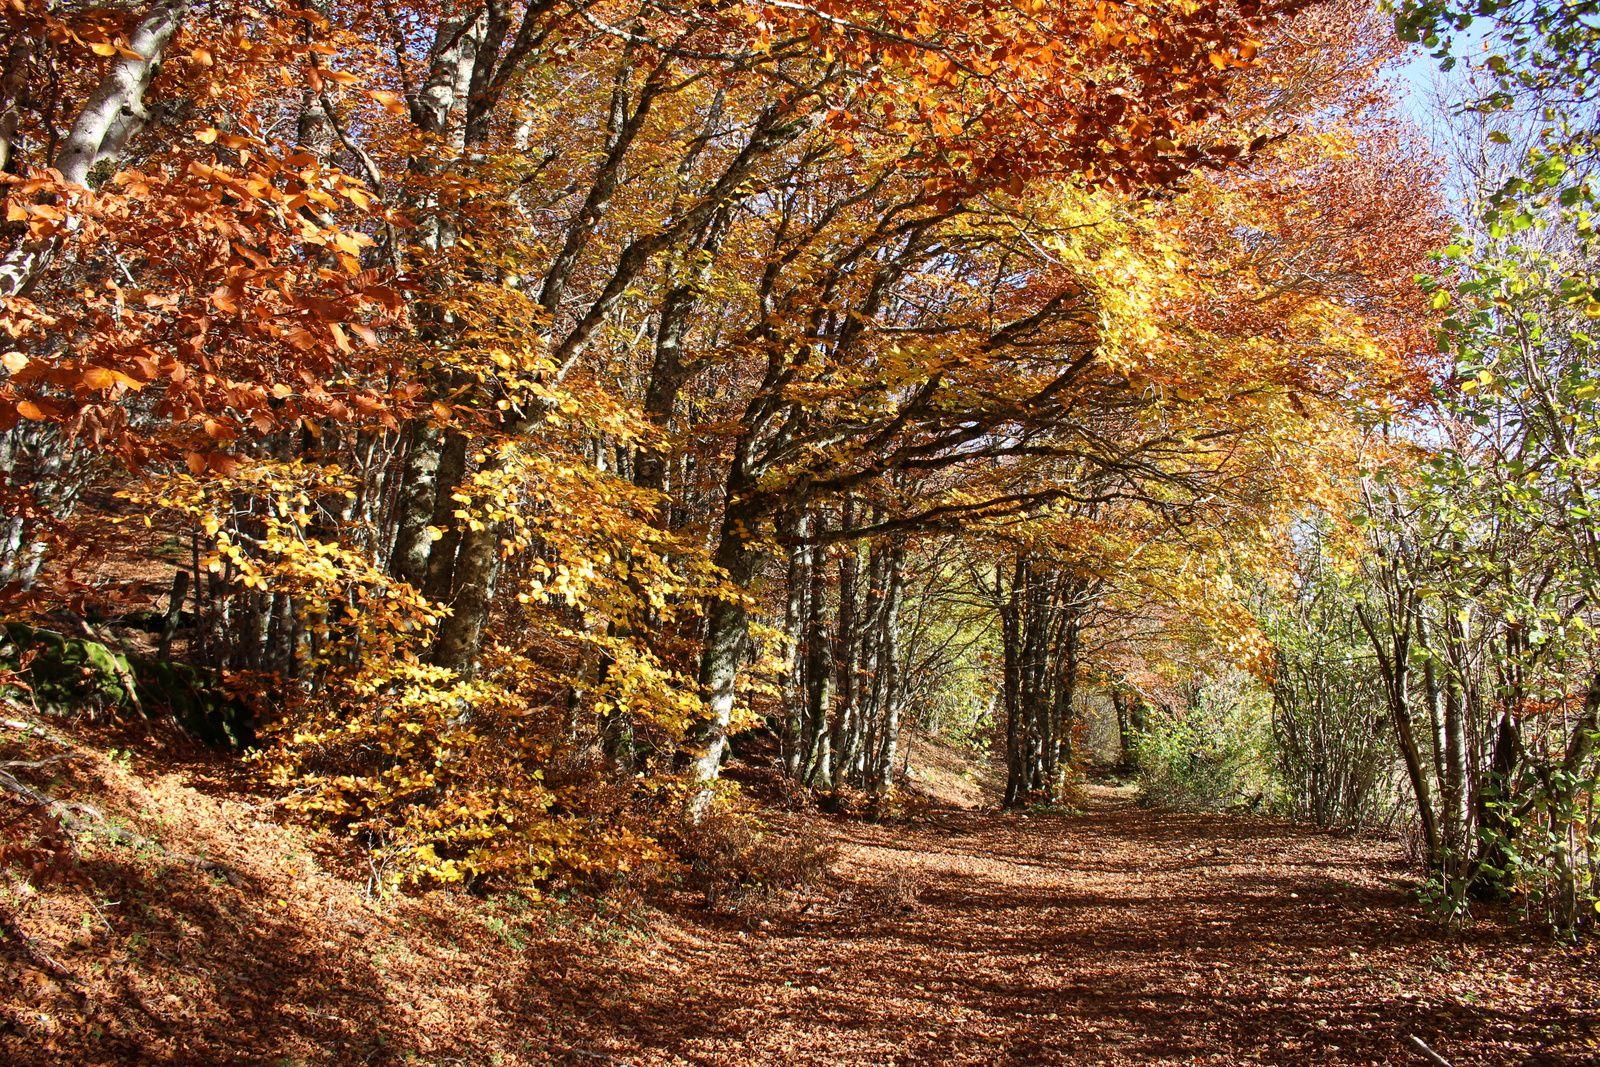 Couleurs d'automne sur l'Aubrac ensoleillé.